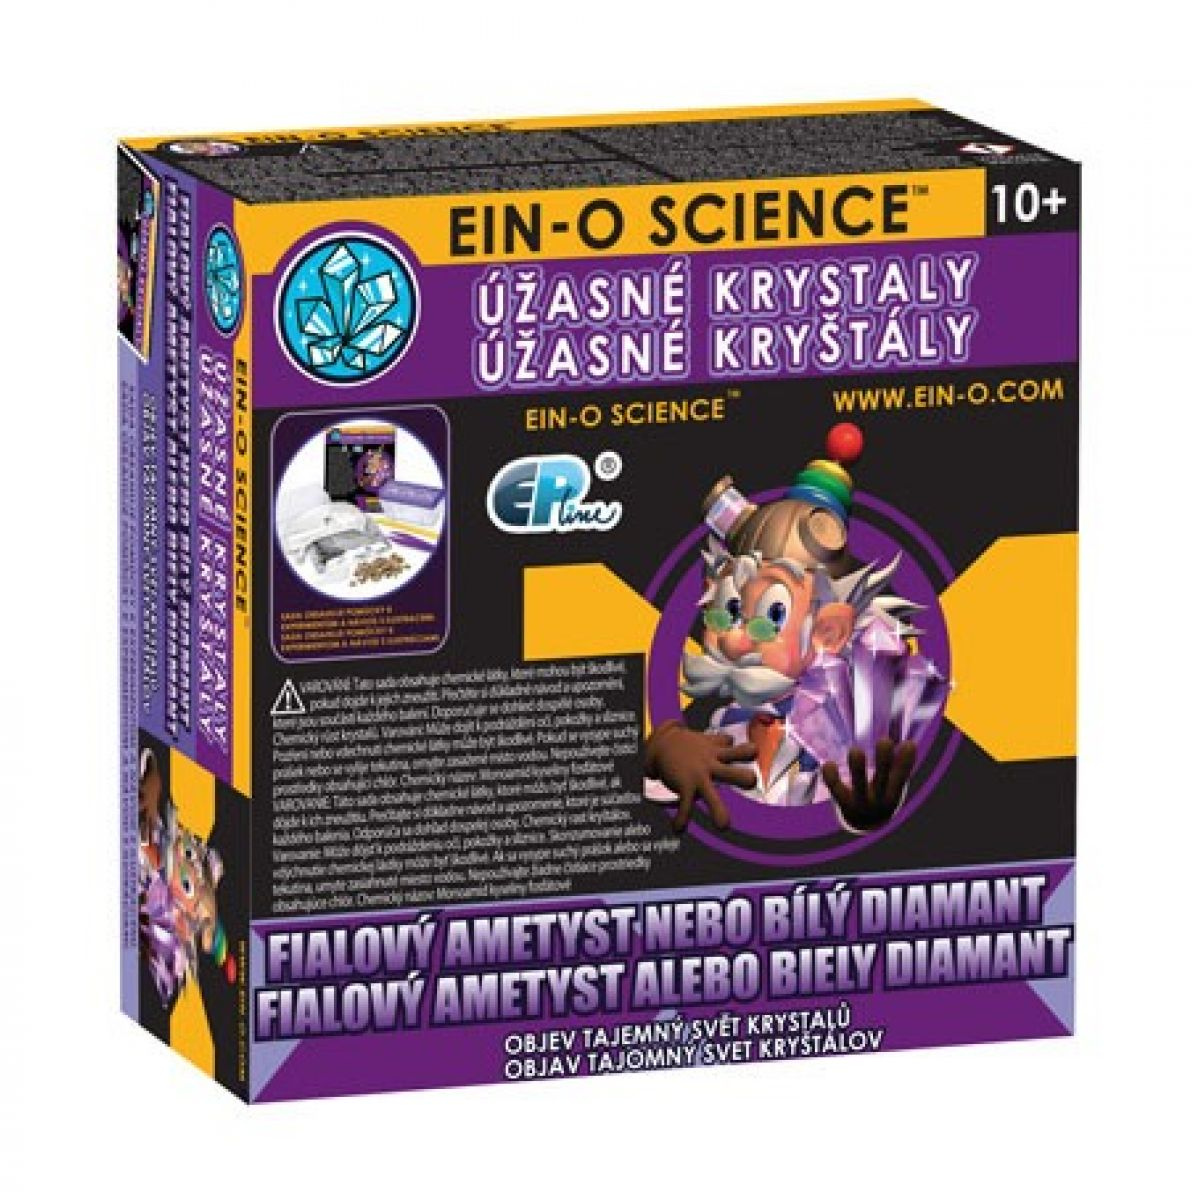 EIN-O Science Úžasné krystaly Fialový ametyst nebo bílý diamant